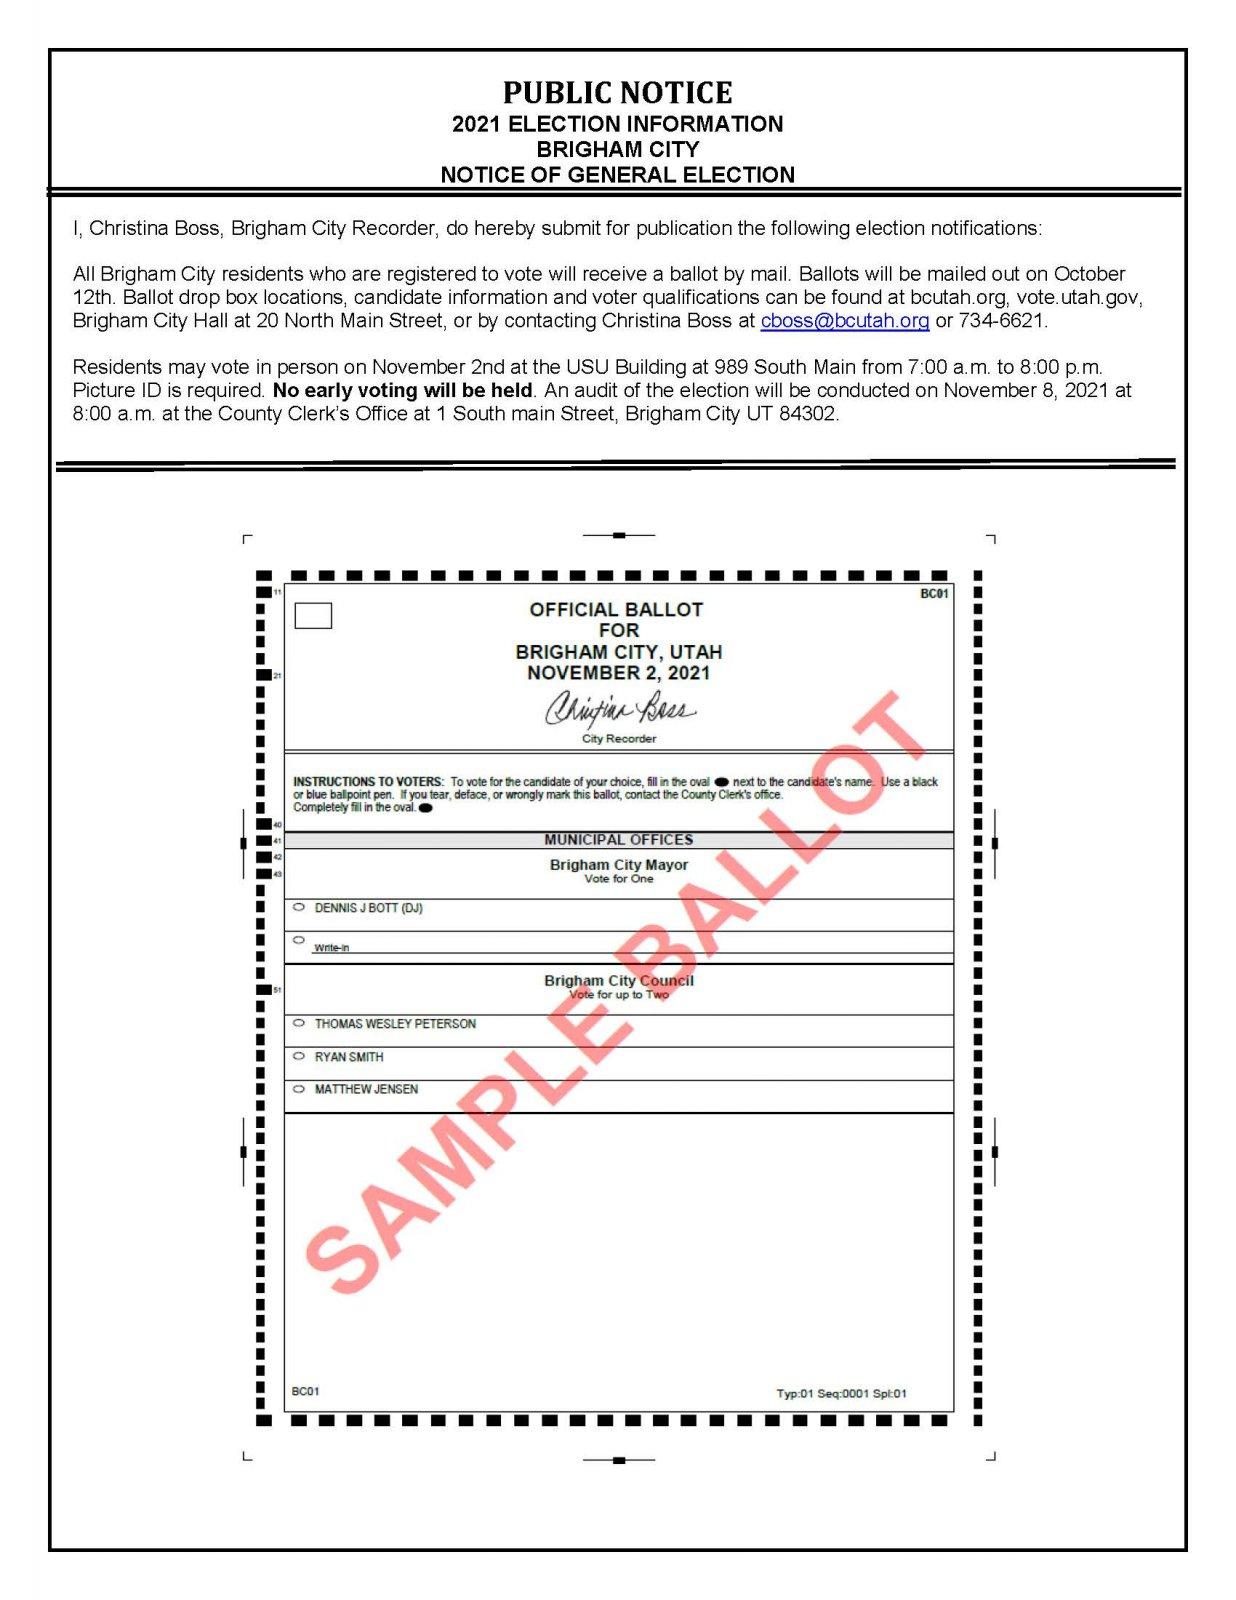 General Election Notice